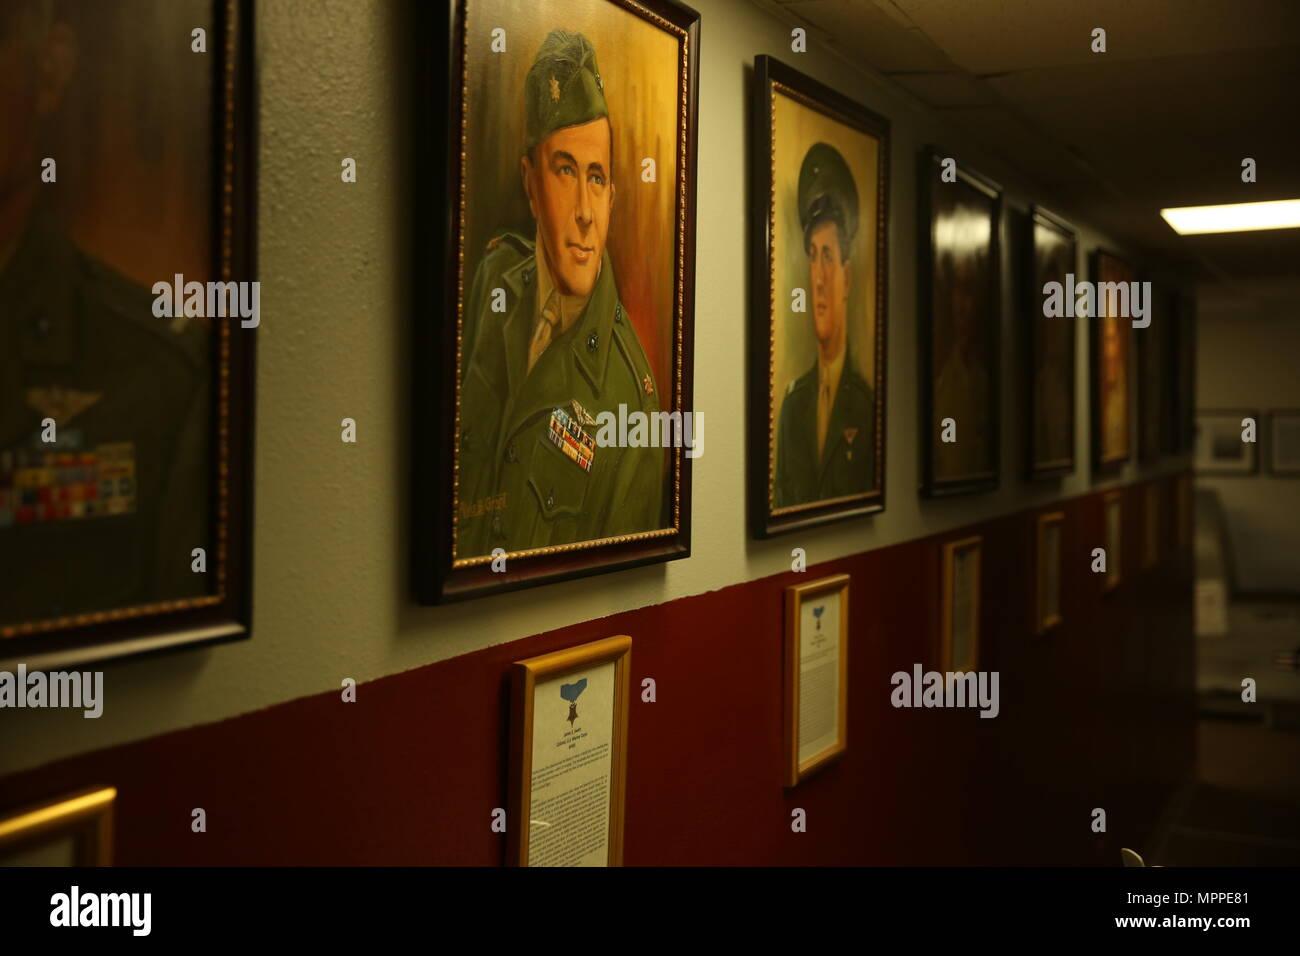 Der Fliegende Leatherneck Aviation Museum zeigt mehrere Porträts, darunter dieses Gemälde von Weltkrieg II Marine Corps Jagdflieger Oberst James E. Swett, eine Ehrenmedaille Empfänger. Der Fliegende Leatherneck ist der einzige Marine Corps Aviation Museum und wurde am 1. April 1999 gegründet. (U.S. Marine Corps Foto von Sgt. David Bickel/Freigegeben) Stockfoto